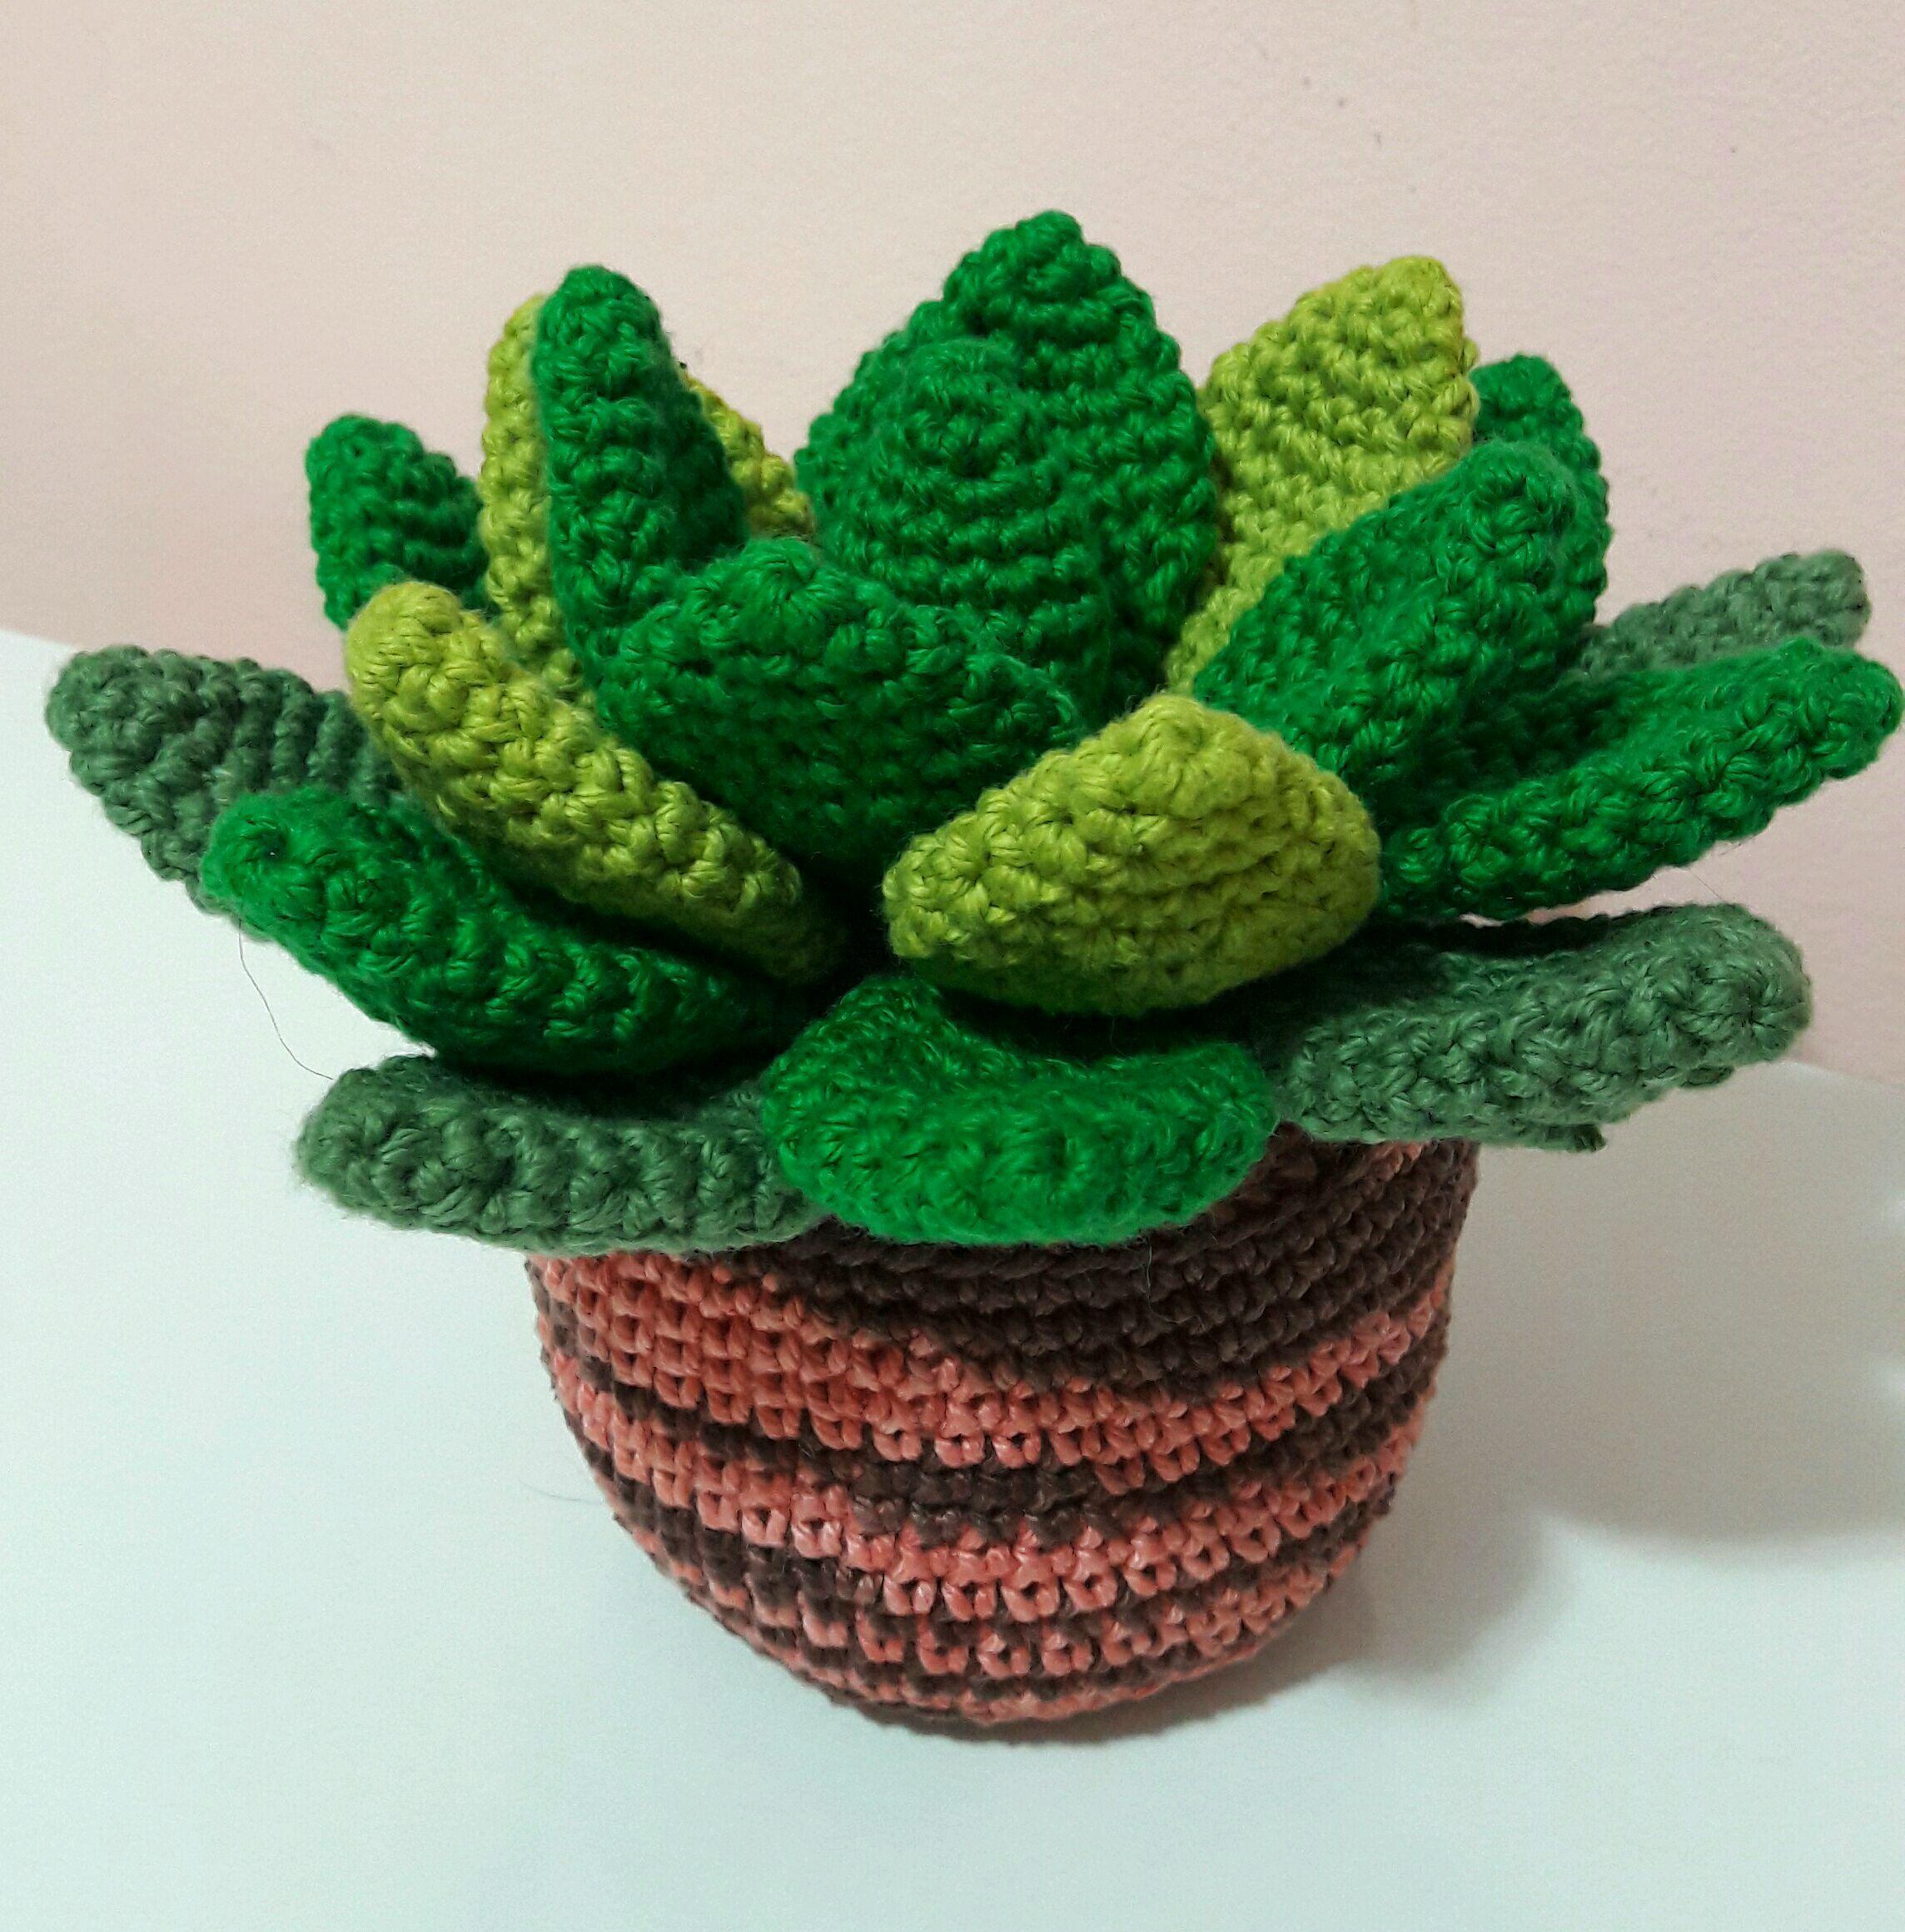 Vaso de suculentas amigurumi. Suculentas de crochê. | Christmas ornaments,  Ornaments, Decor | 2321x2288